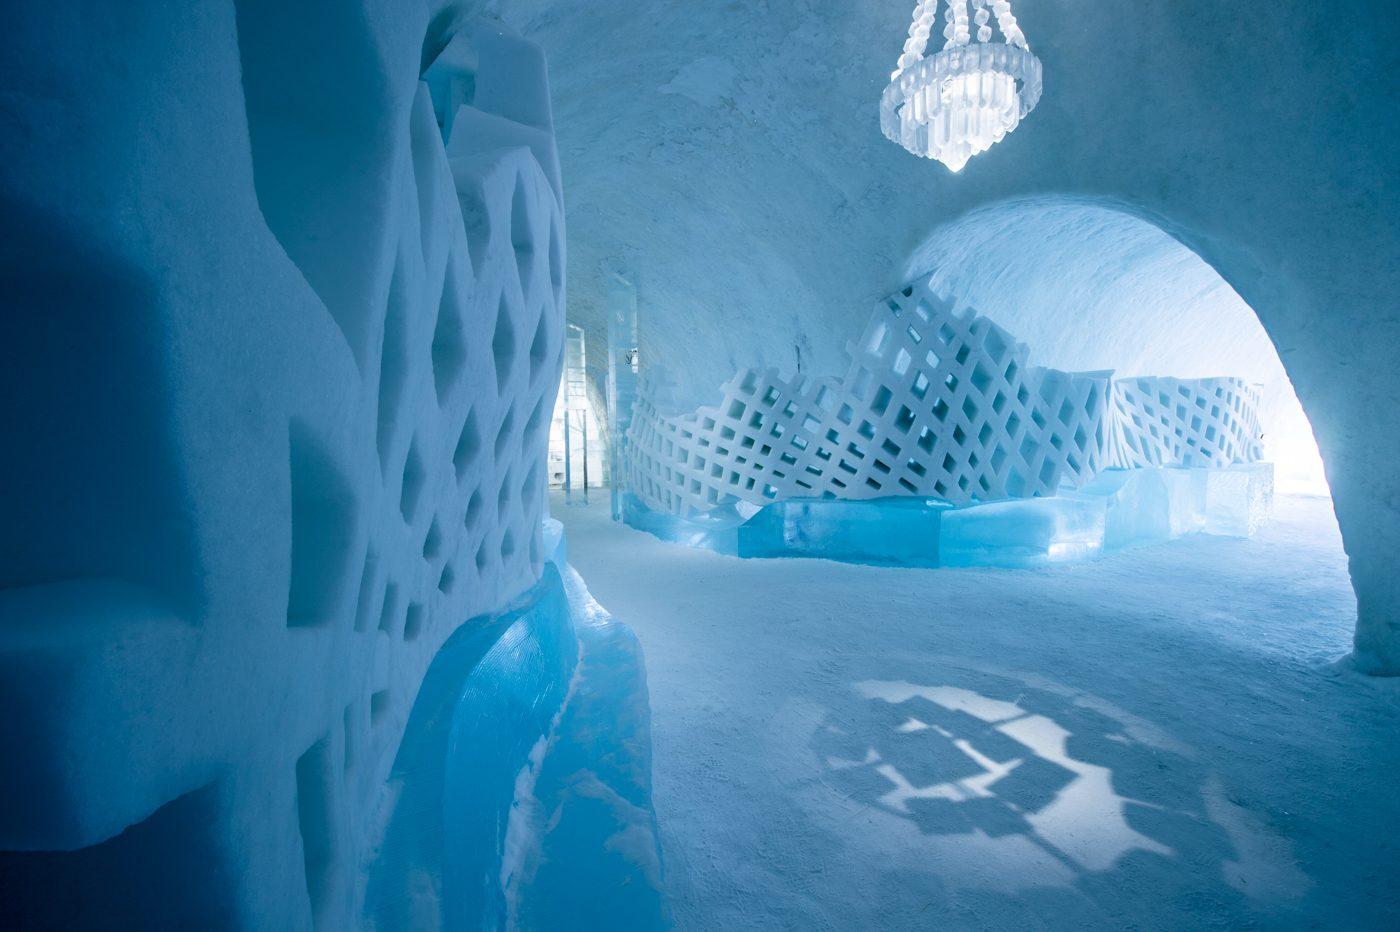 Os candelabros também são feitos de cristais de gelo